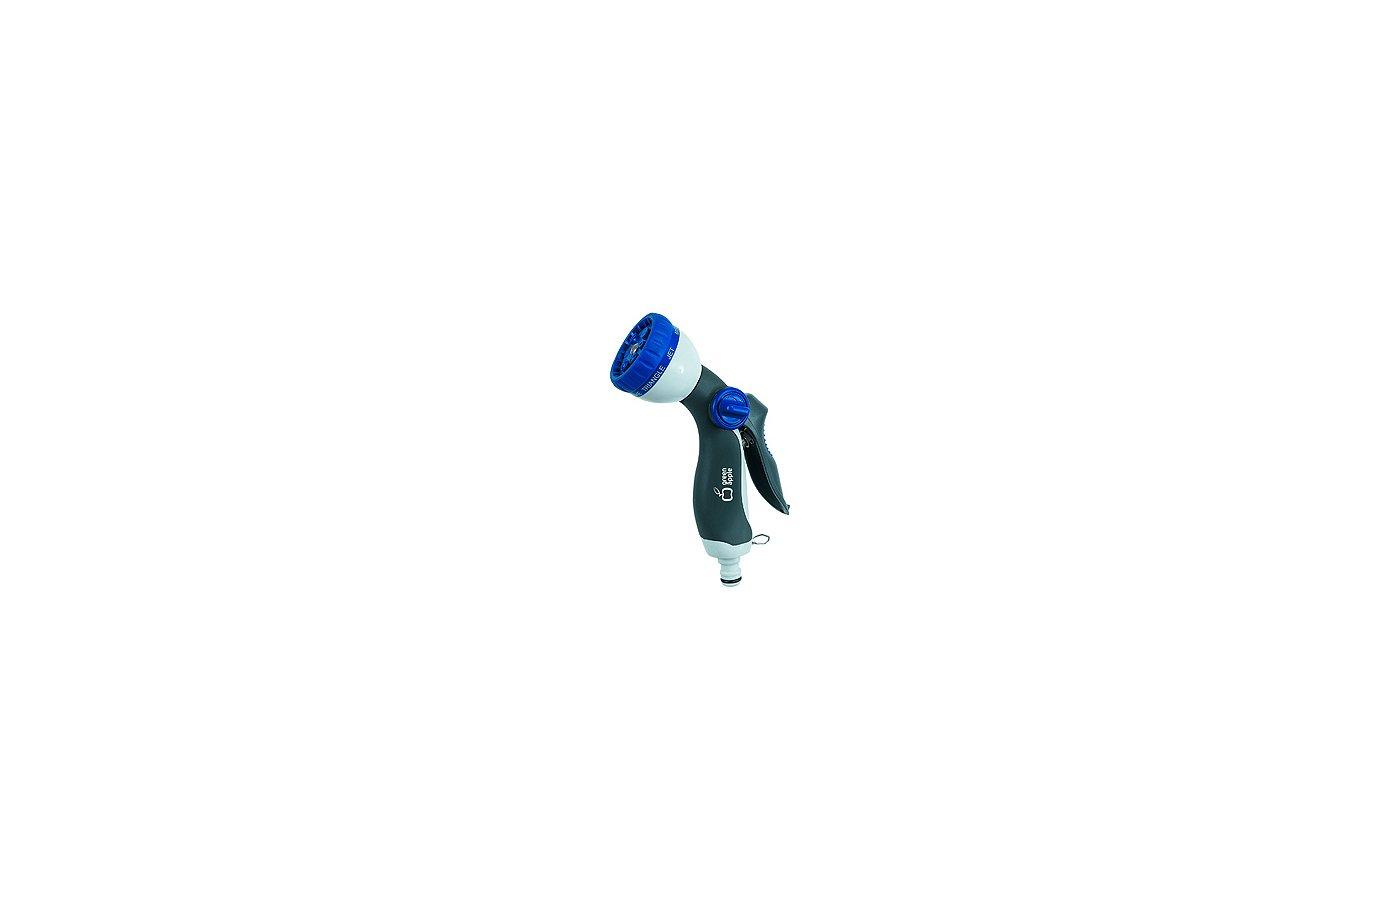 Поливочное оборудование GREEN APPLE GWHM12-037 Пистолет-распылитель, пластик, 8 режимов